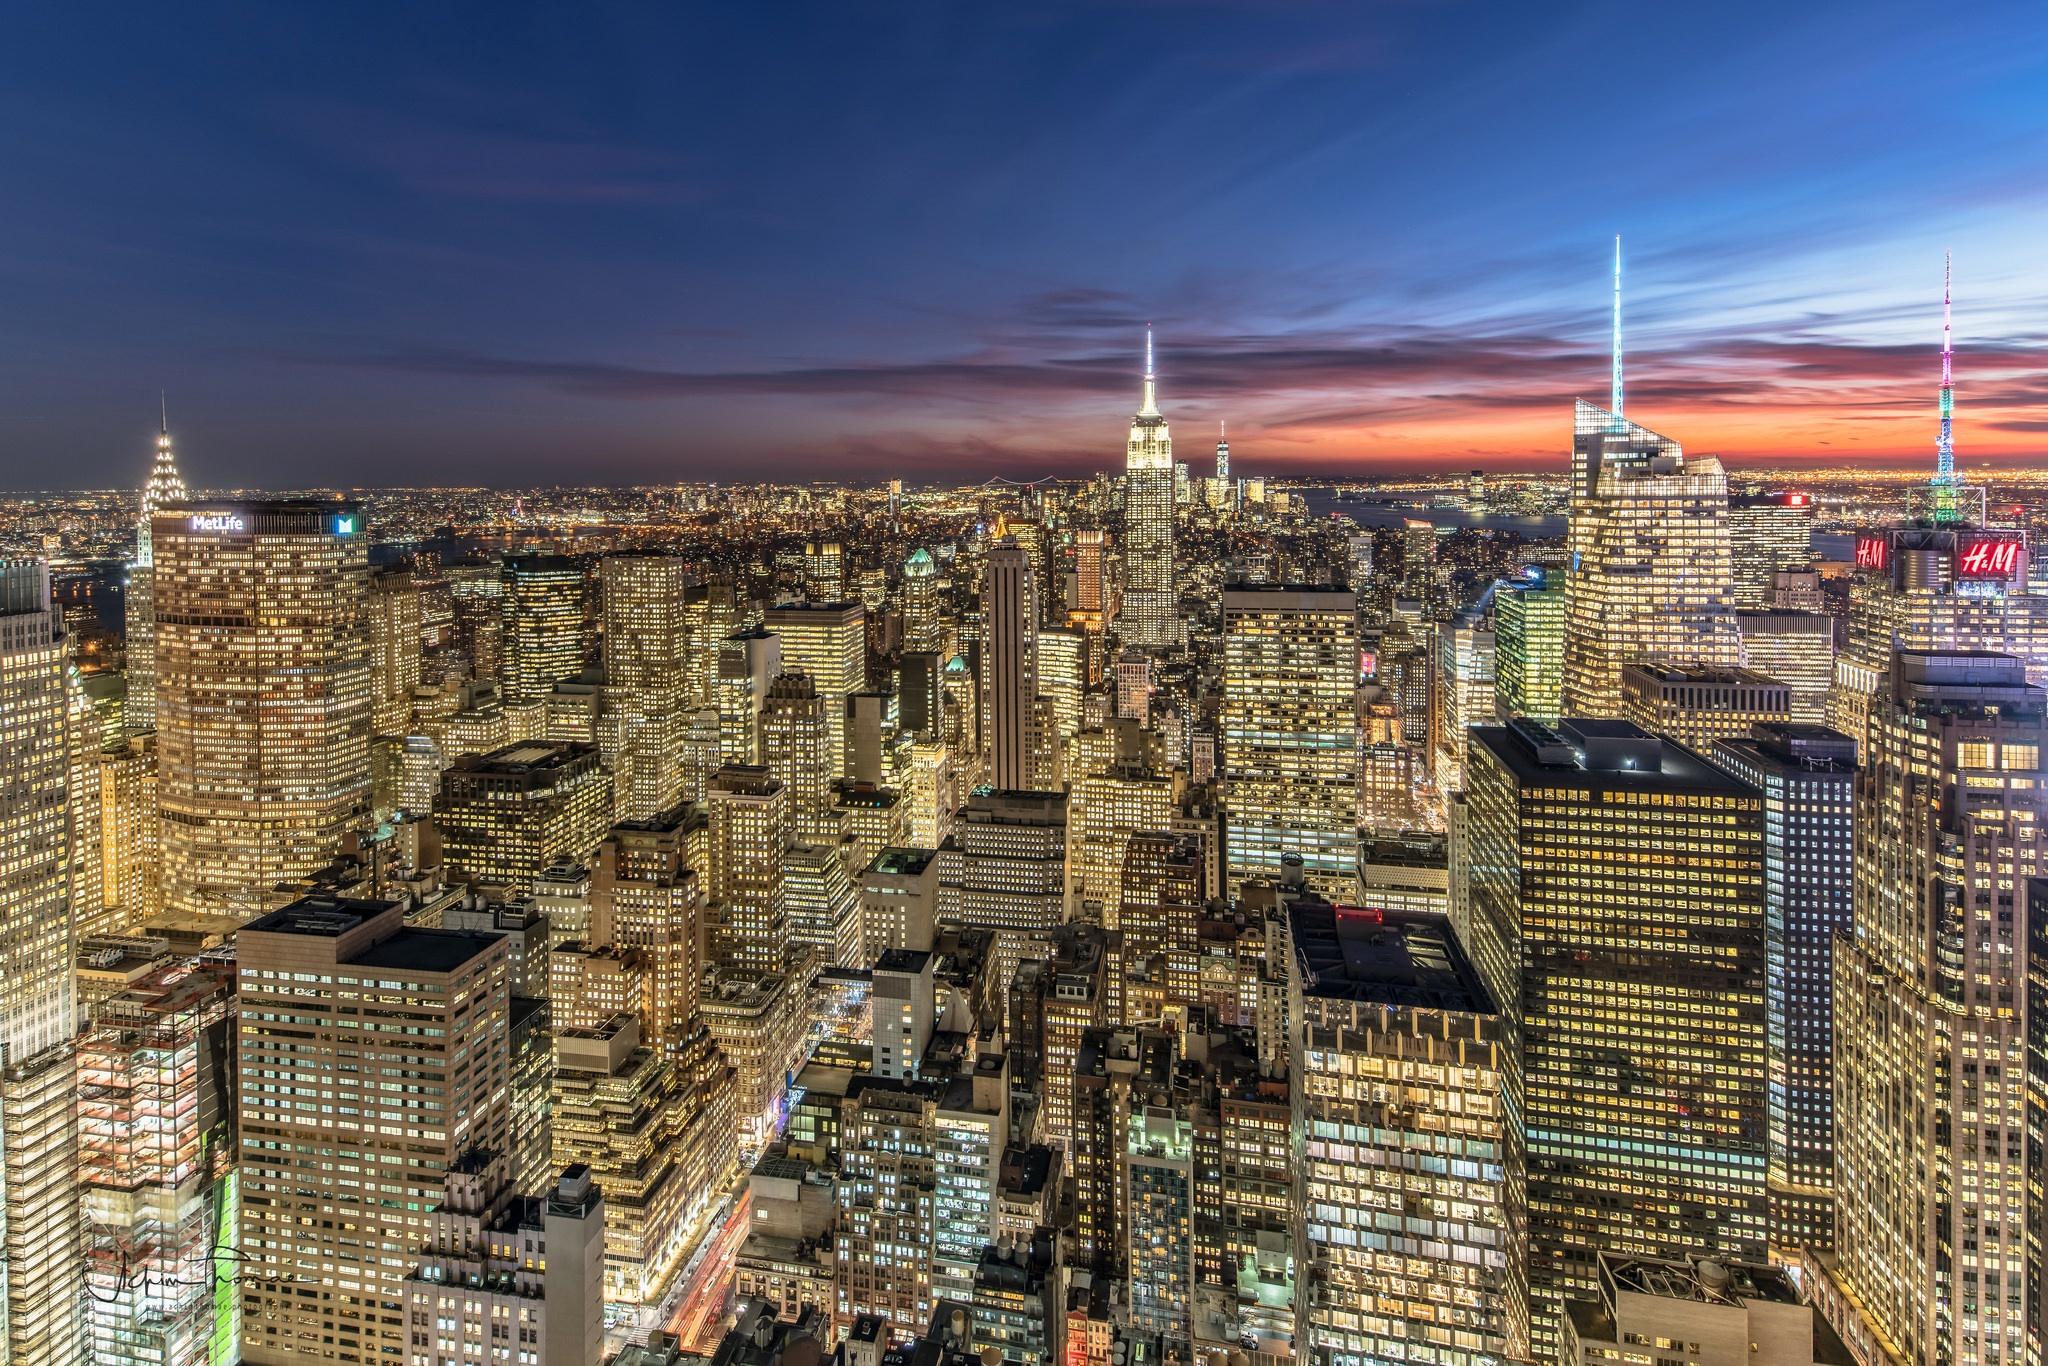 Usa Night City Cityscape Building Skyscraper Manhattan 2048x1366